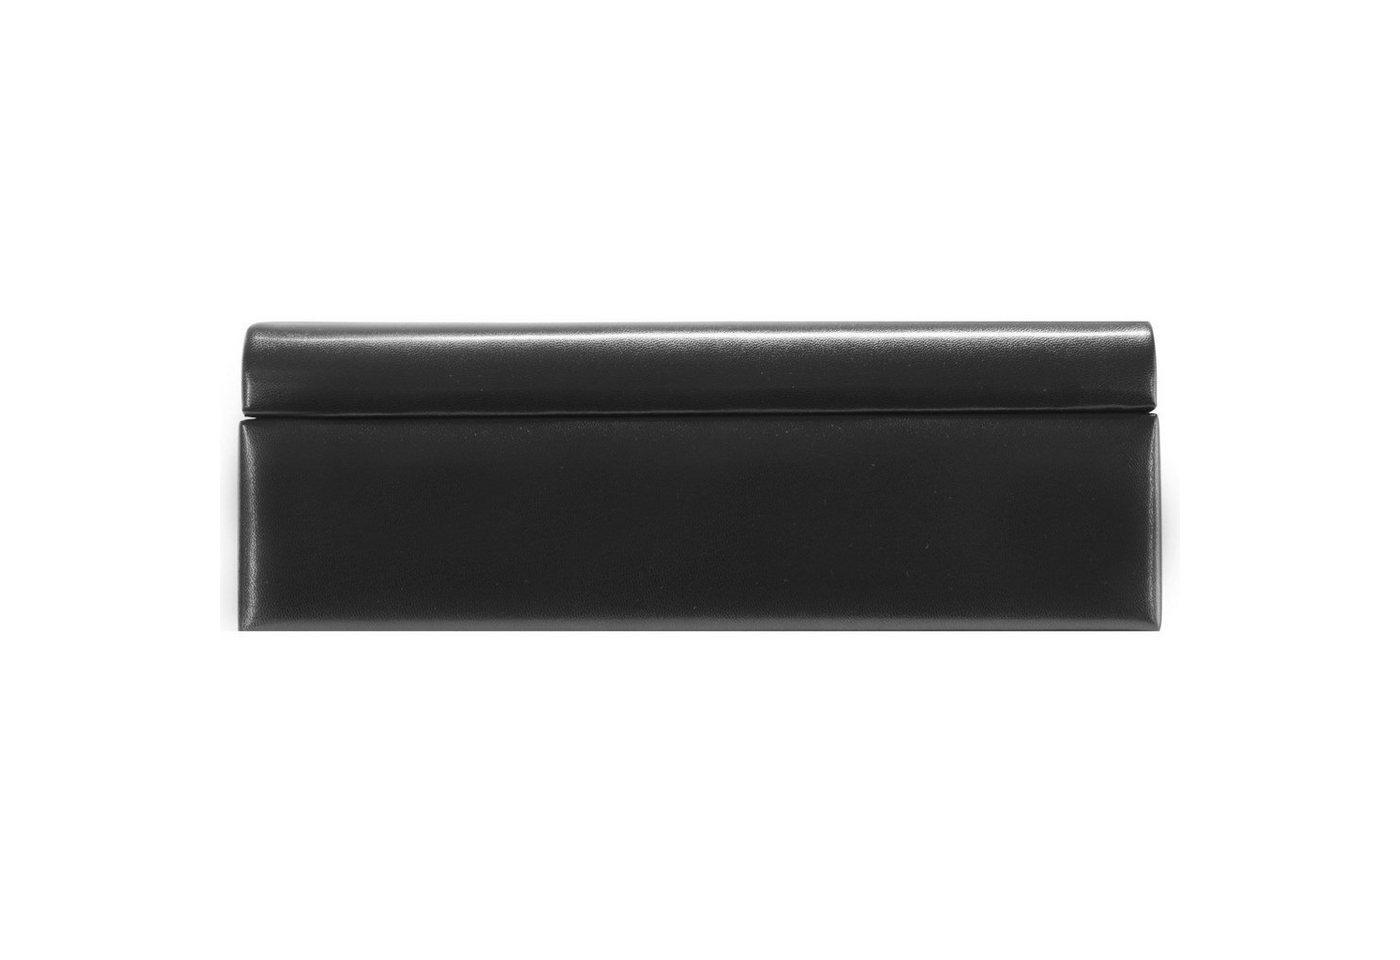 Windrose Merino Charmbox Schmuckkasten 30,5 cm | Schmuck > Schmuckaufbewahrungen > Schmuckkästen | Schwarz | Windrose